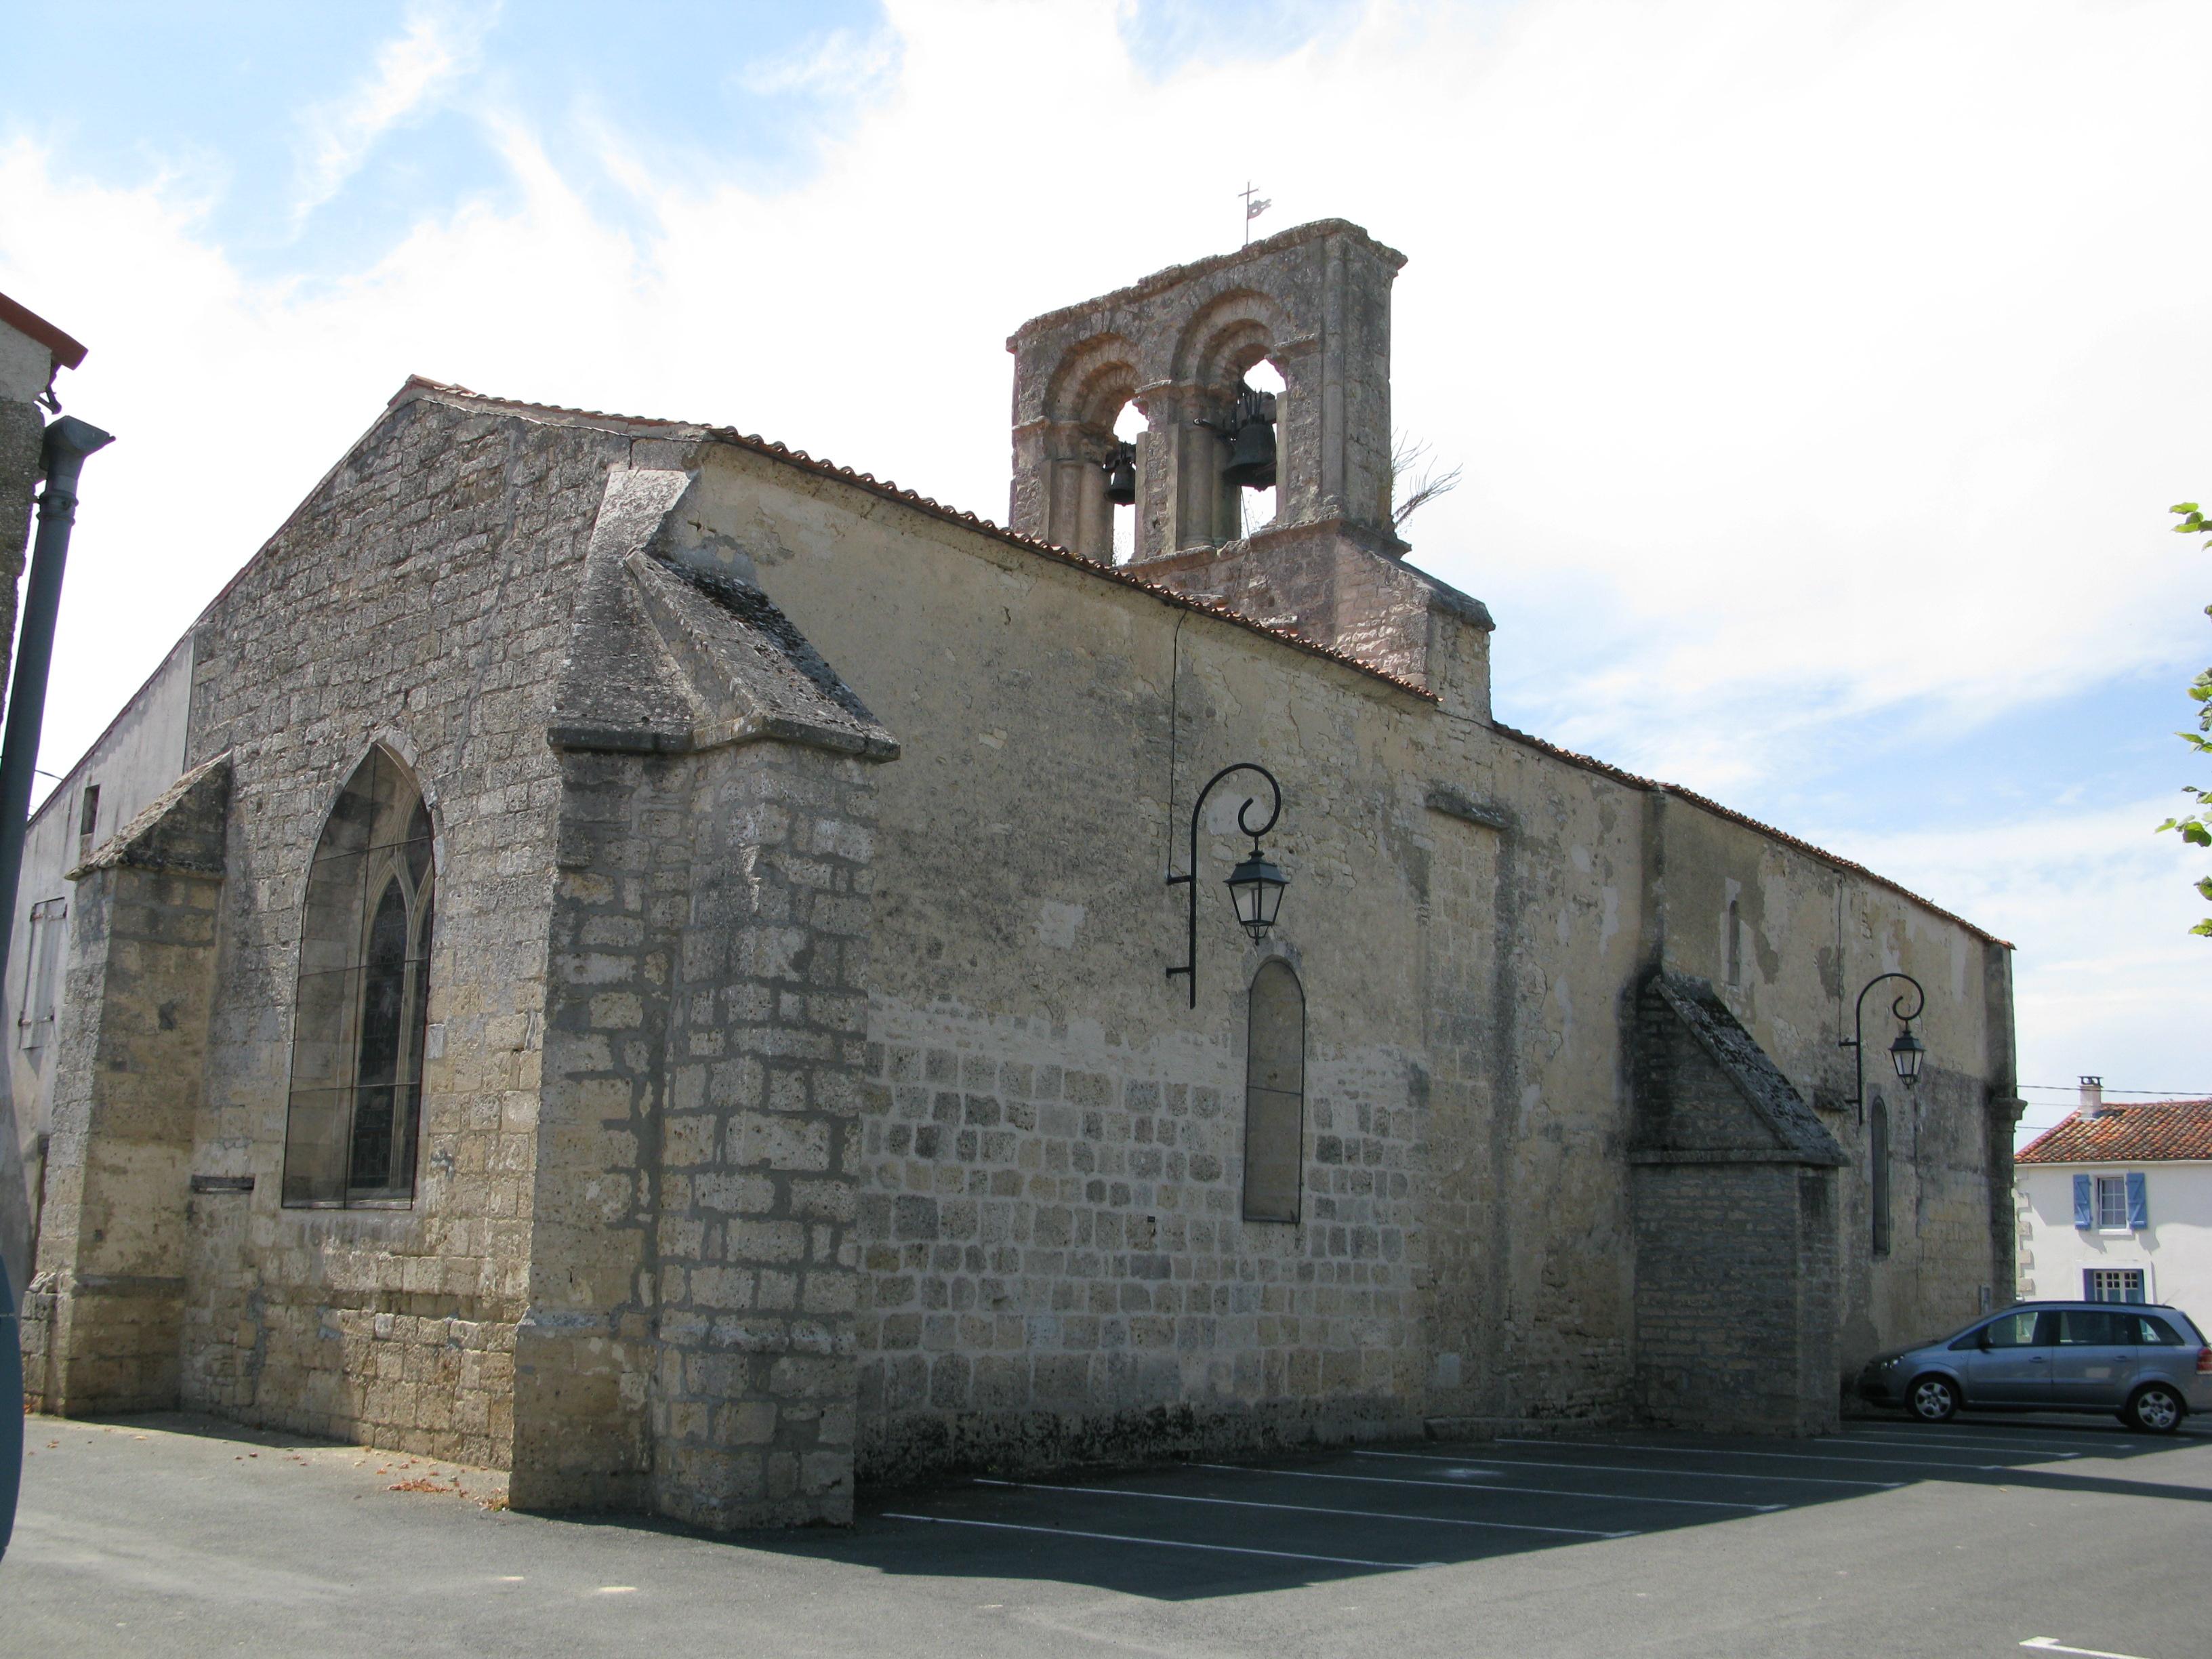 Saint-Mard (Charente Marittima)